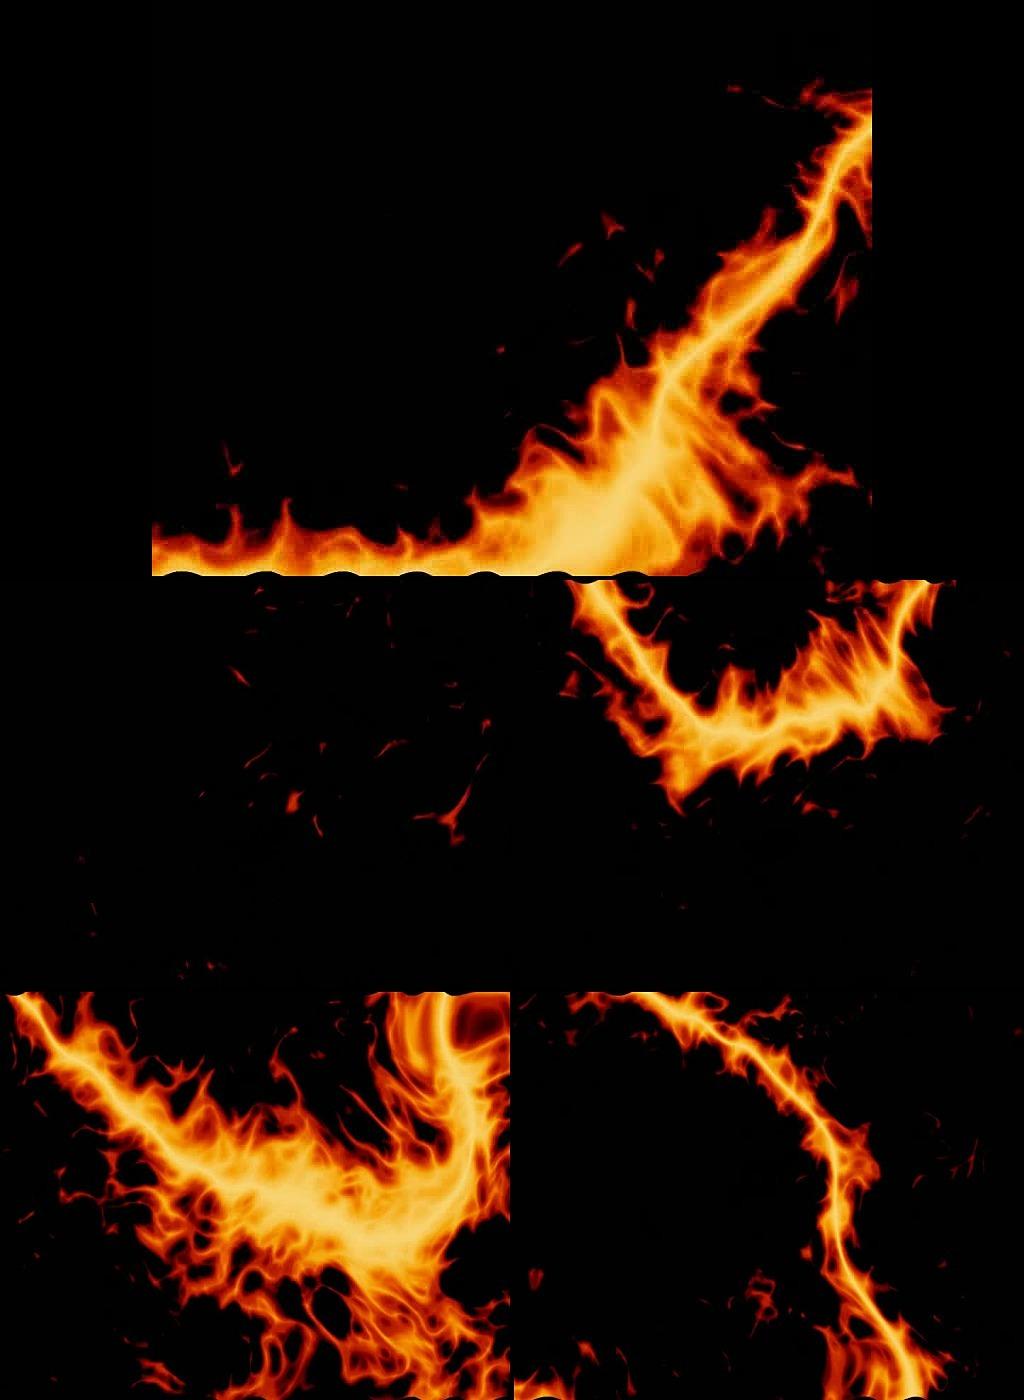 我图网提供精品流行ae特效火光火龙效果素材下载,作品模板源文件可以编辑替换,设计作品简介: ae特效火光火龙效果,,使用软件为 AfterEffects CS4(.aep) 文字 AE特效 logo特效展示片头片尾